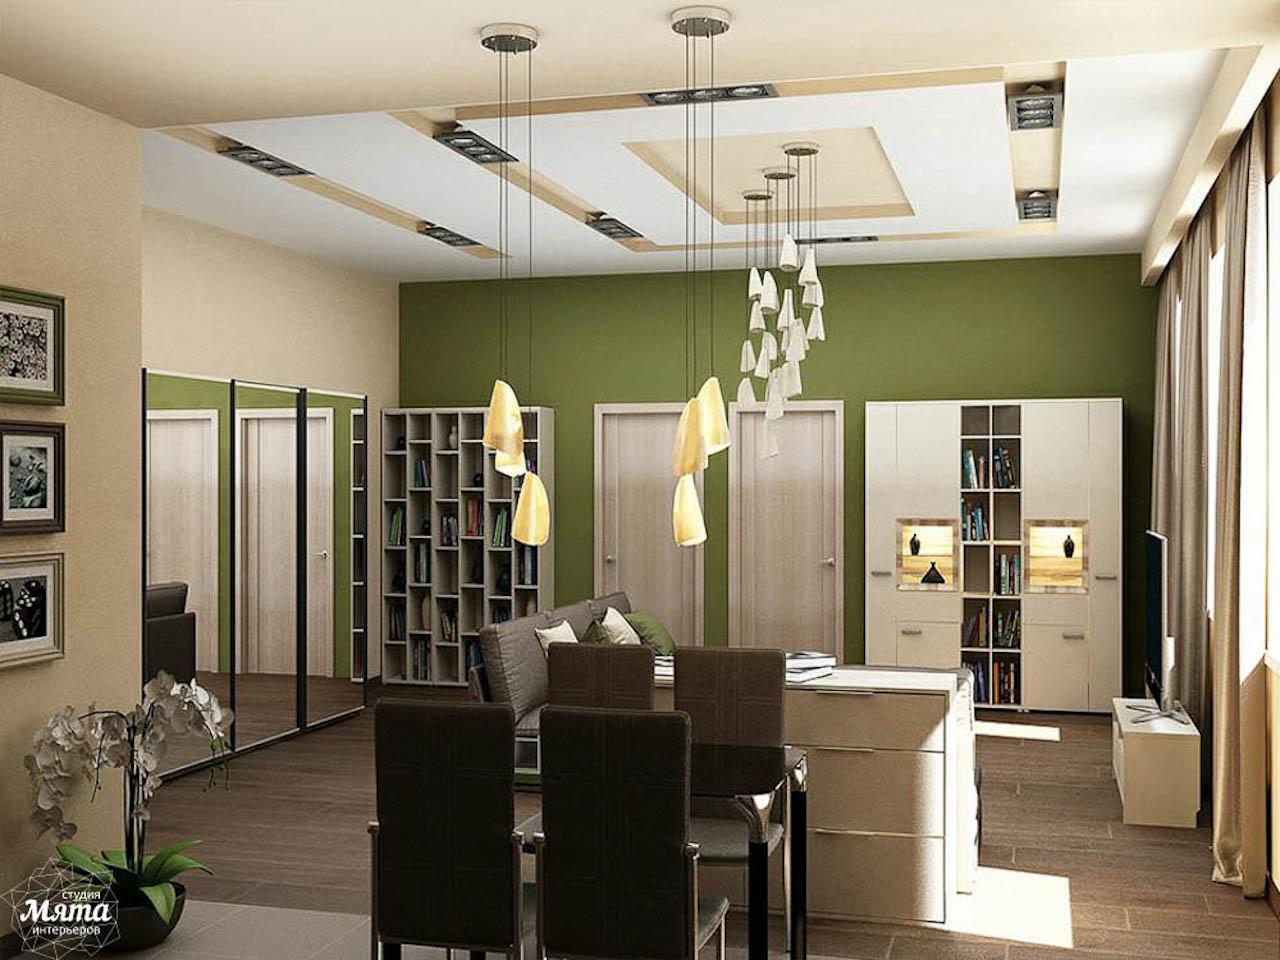 Дизайн интерьера трехкомнатной квартиры по ул. Грибоедова 26 img412504223